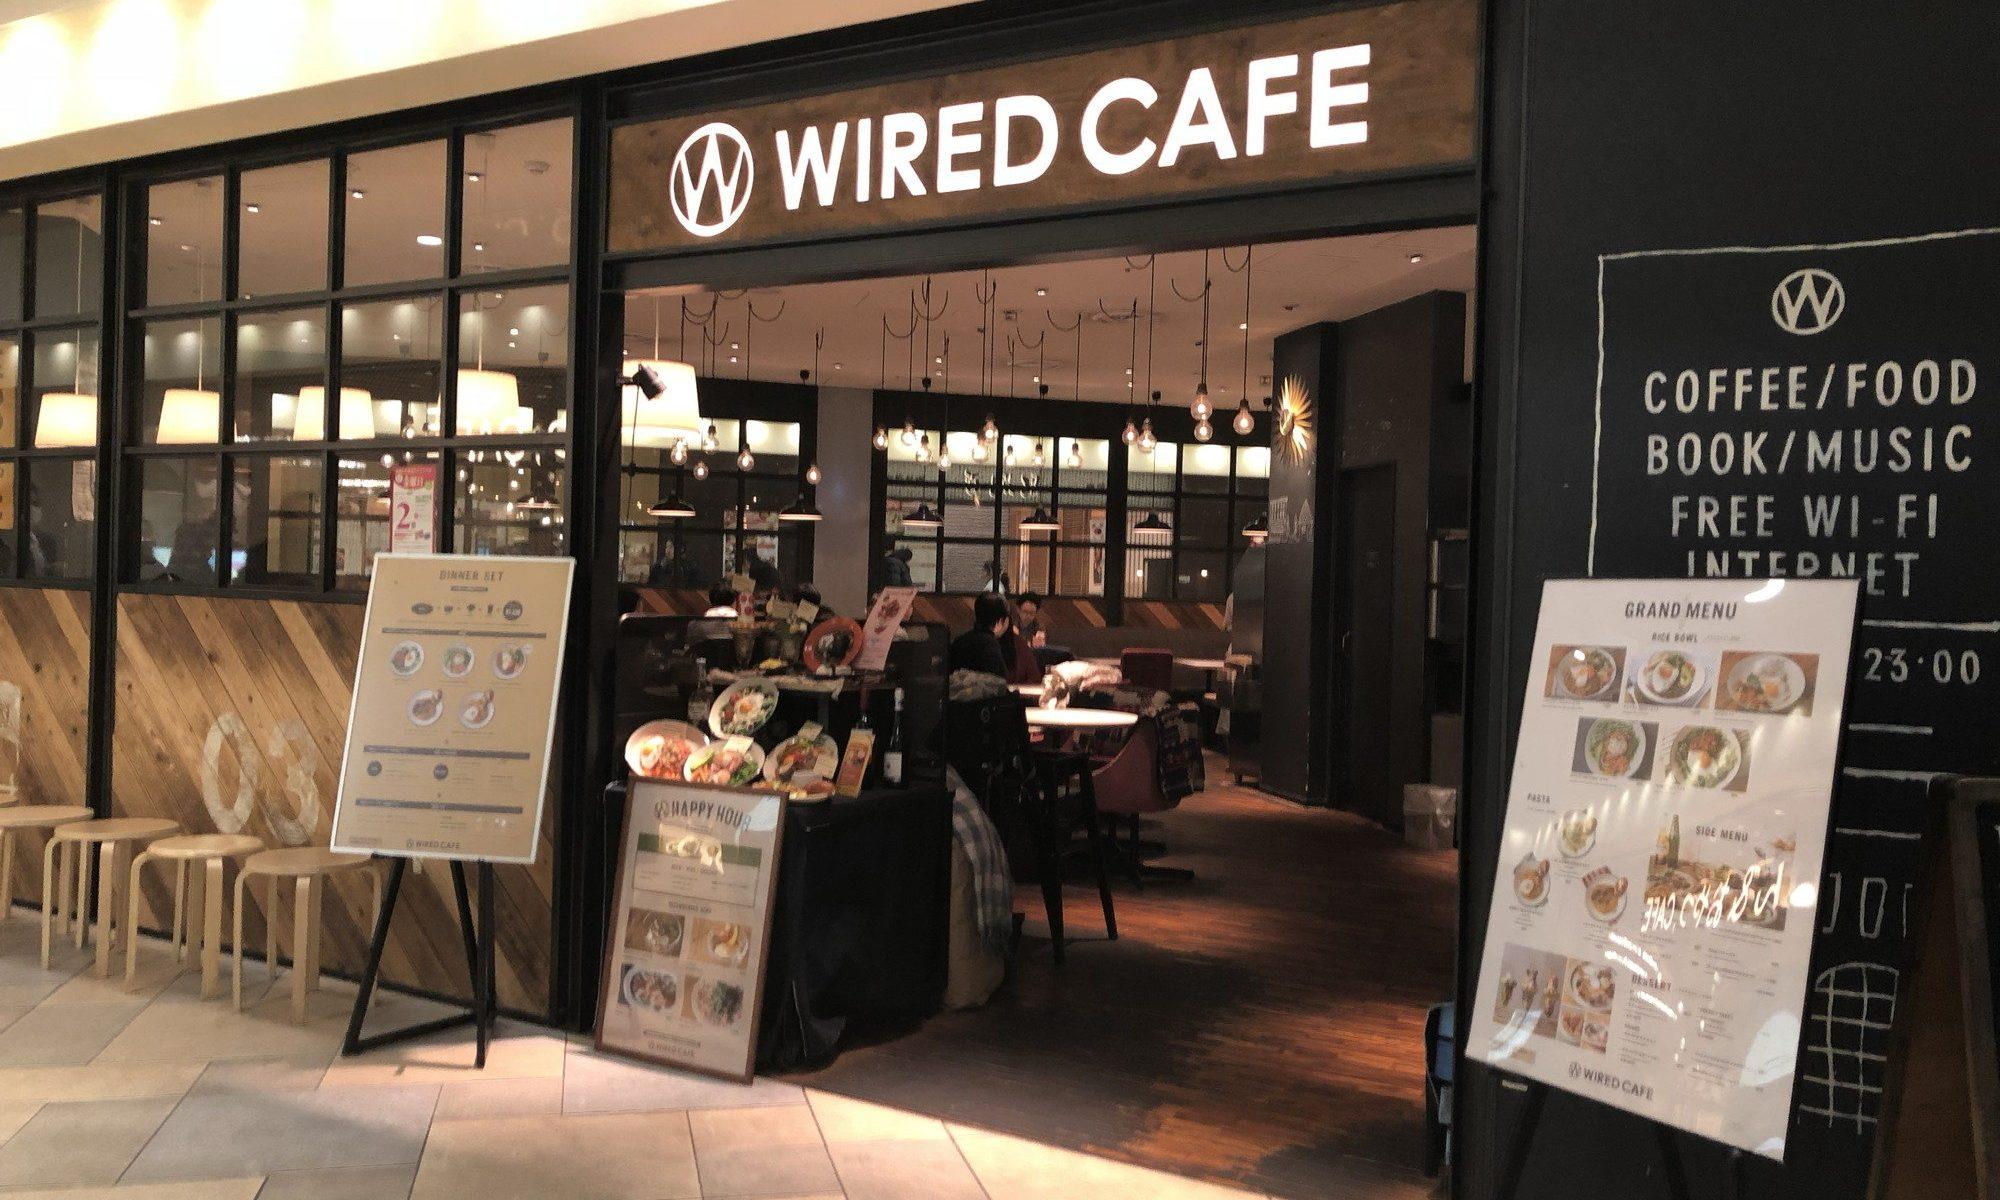 ワイアードカフェ 武蔵小杉東急スクエア店の外観